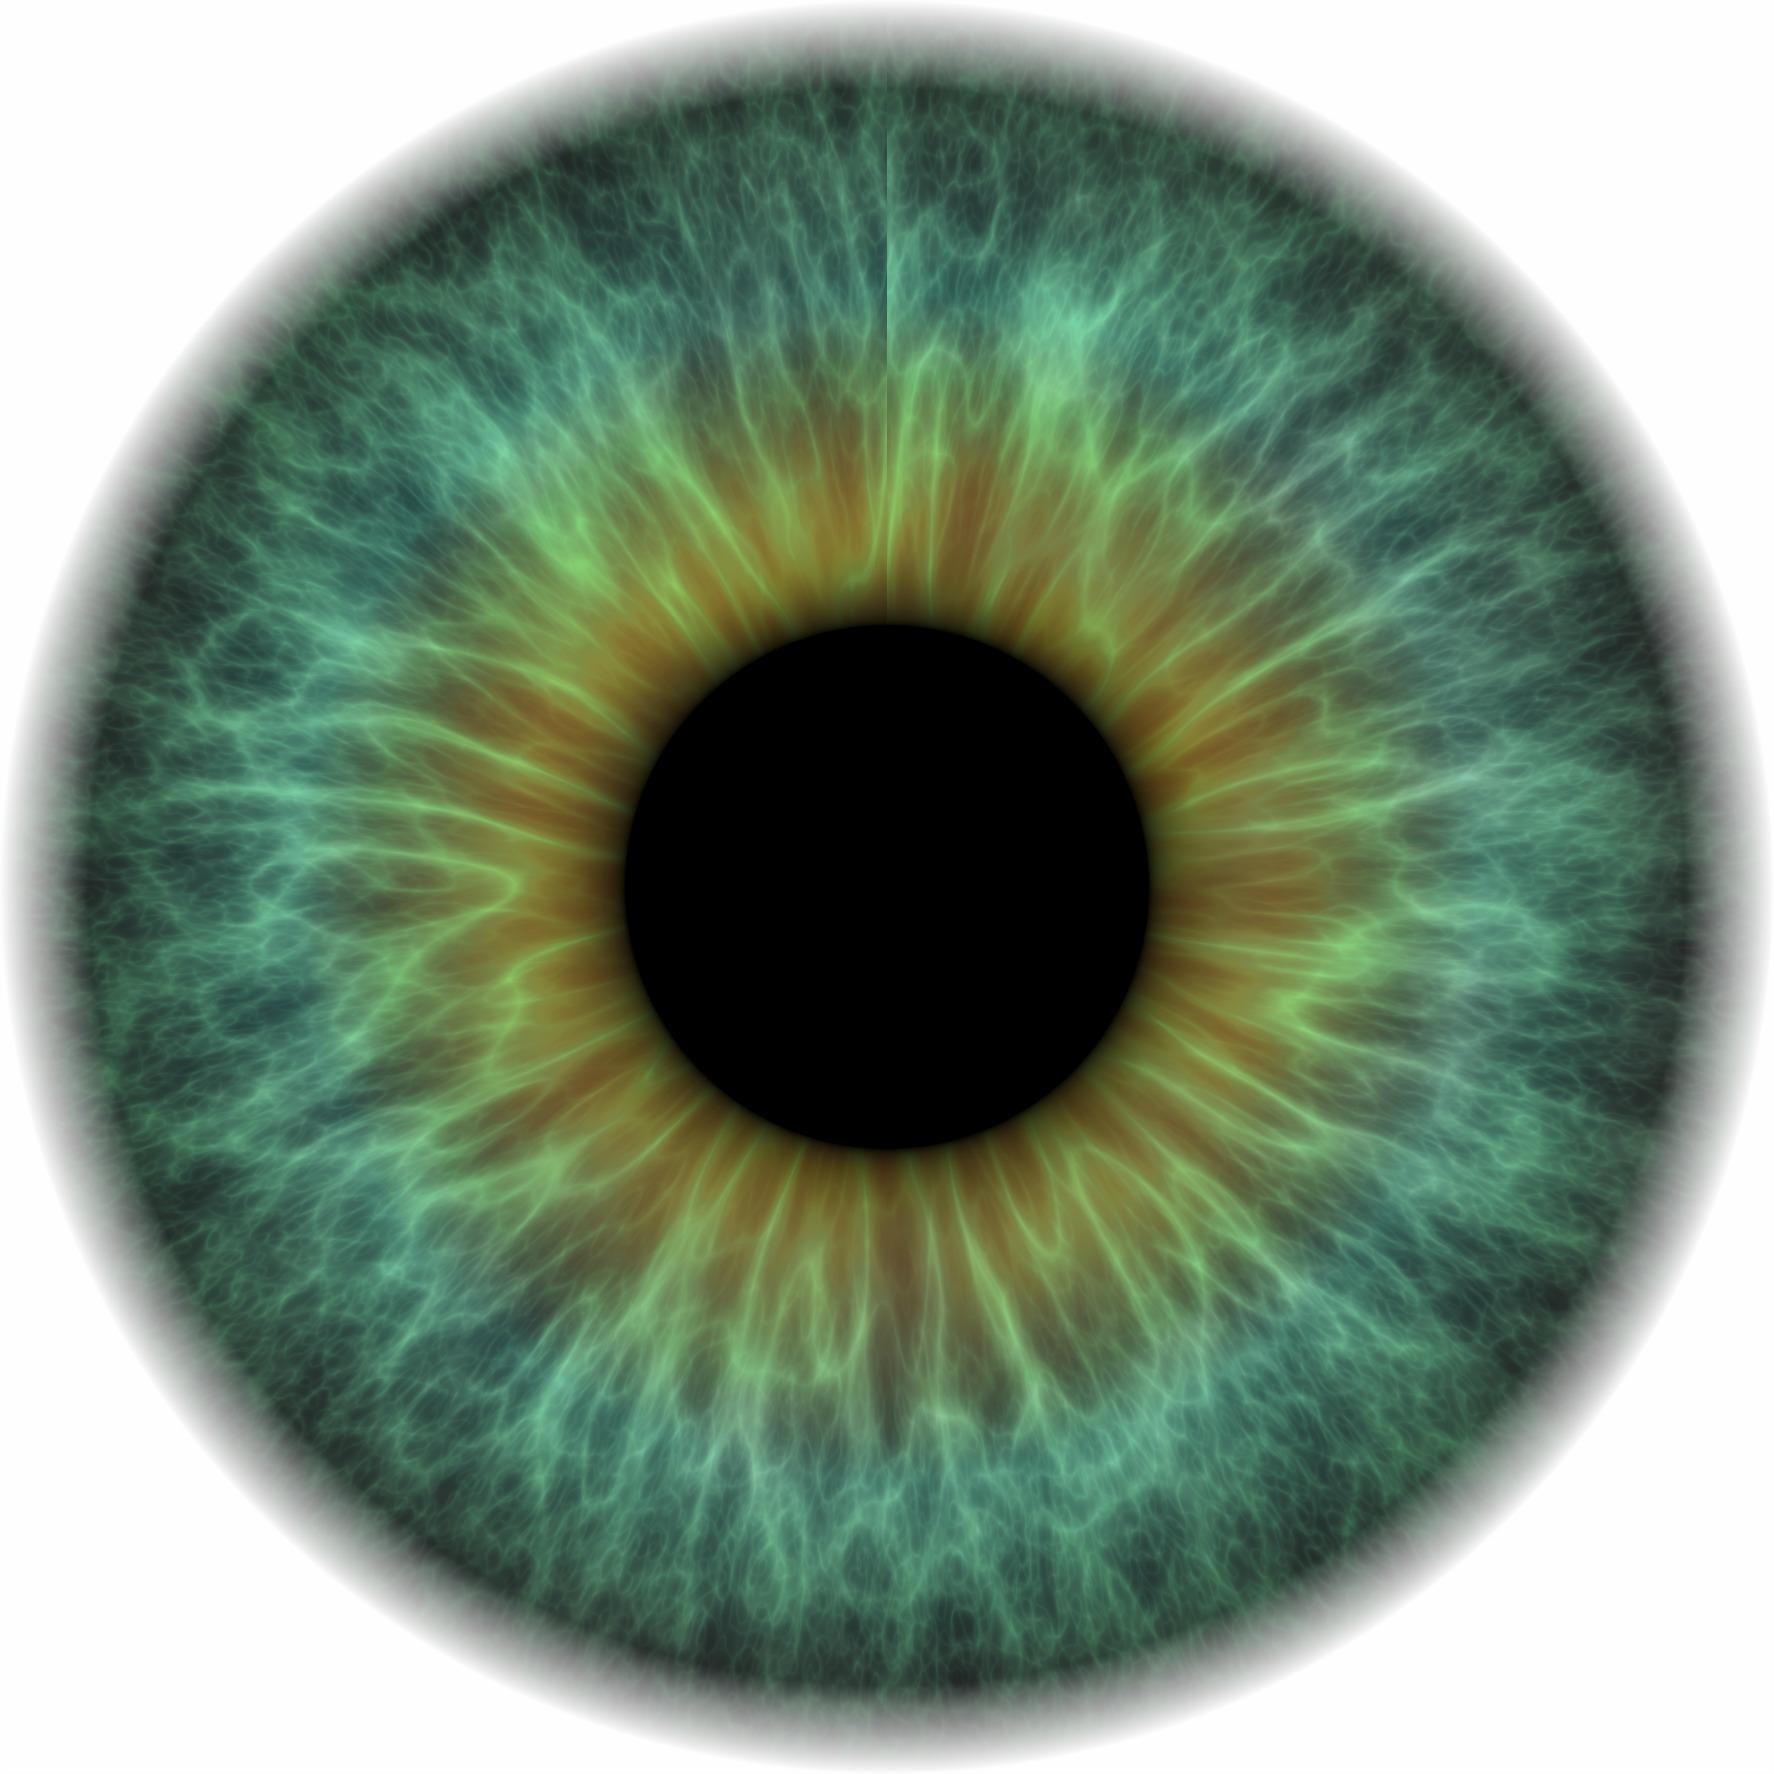 A nova tecnologia de reconhecimento de íris poderá identificar você a 12 metros de distância